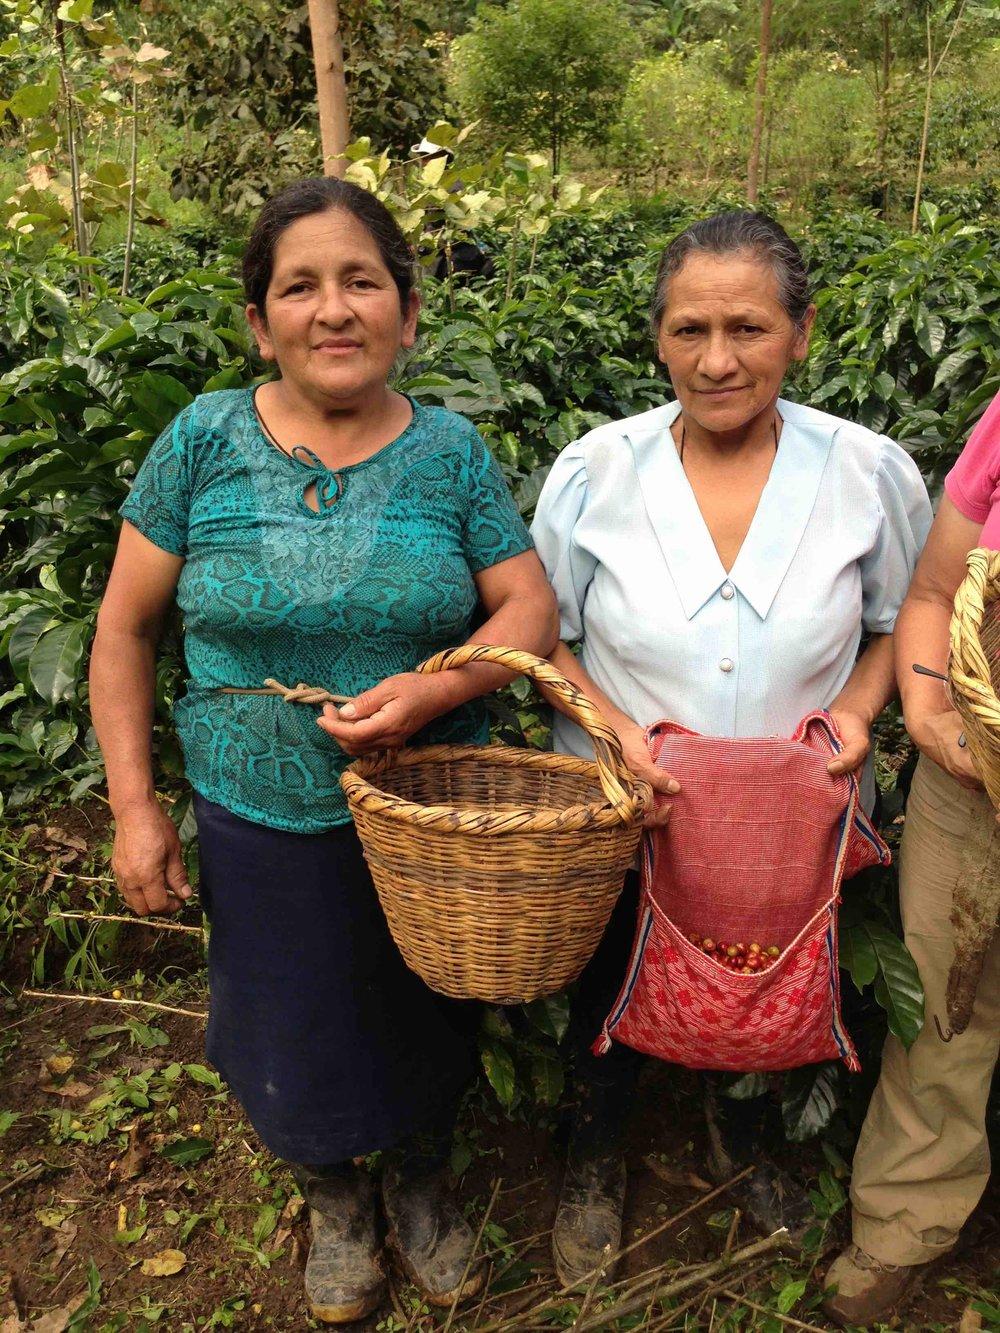 peru-2014-17-women.photo 3.jpg